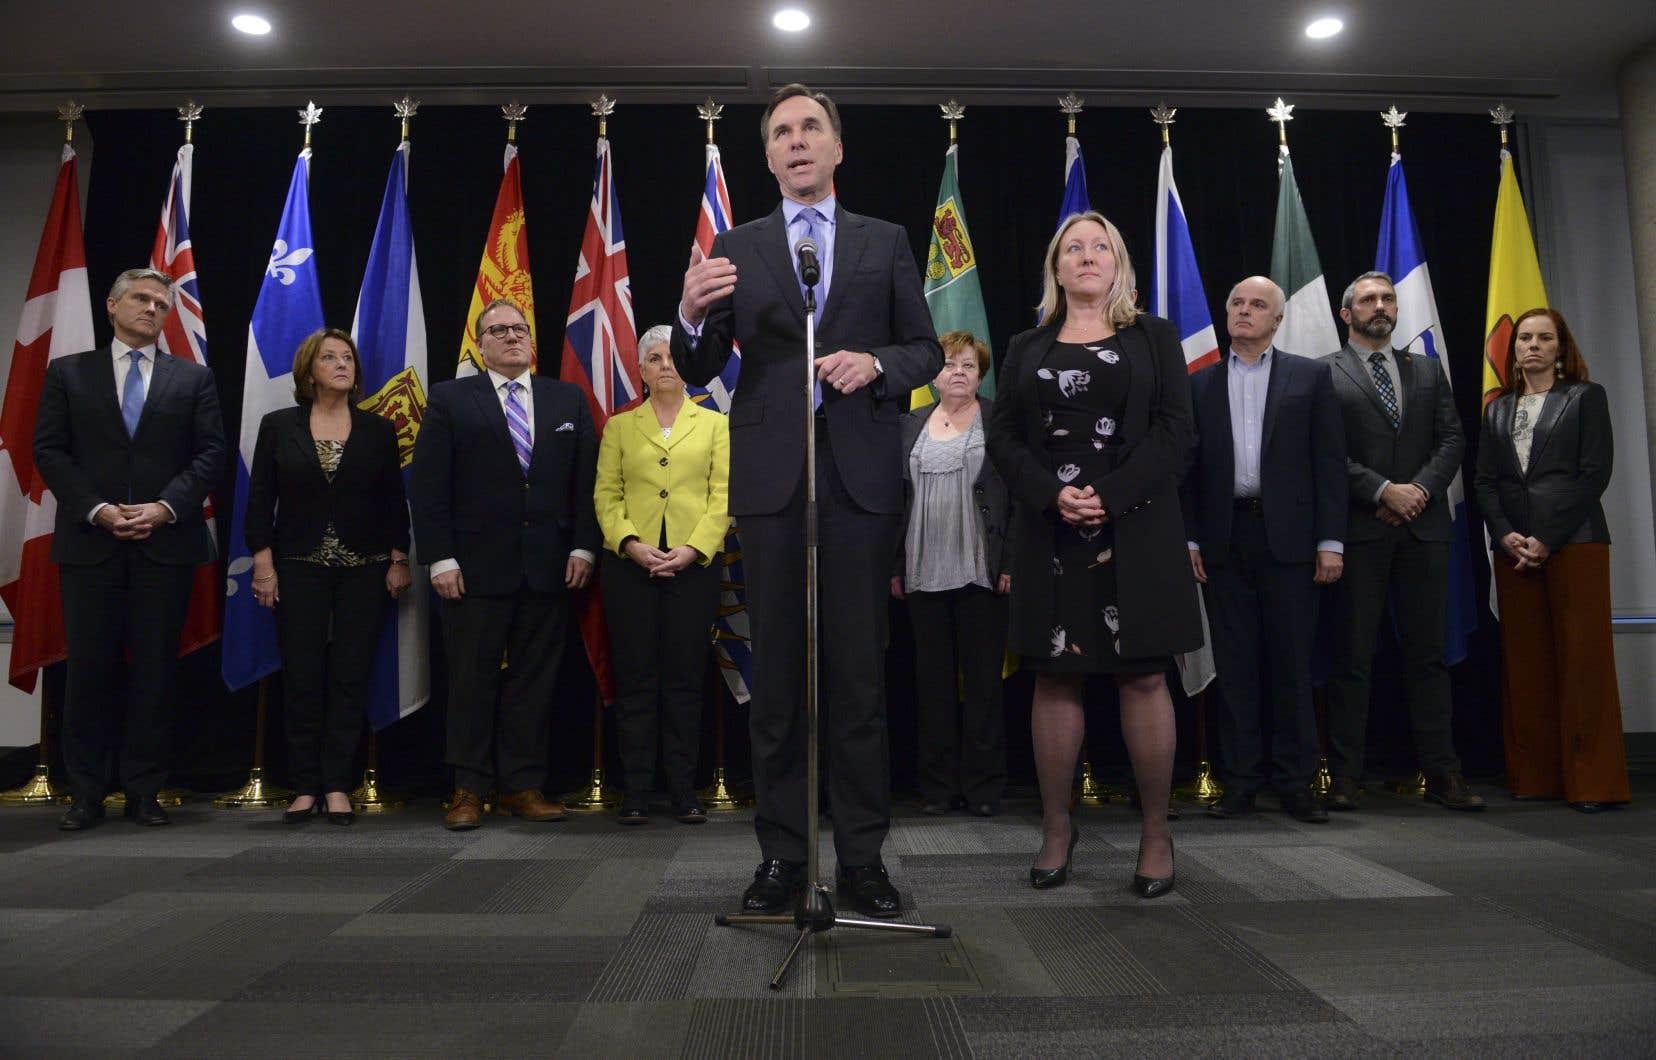 Le ministre fédéral des Finances, Bill Morneau (au centre) accompagné de ses homologues des provinces et territoires après la rencontre de mardi.